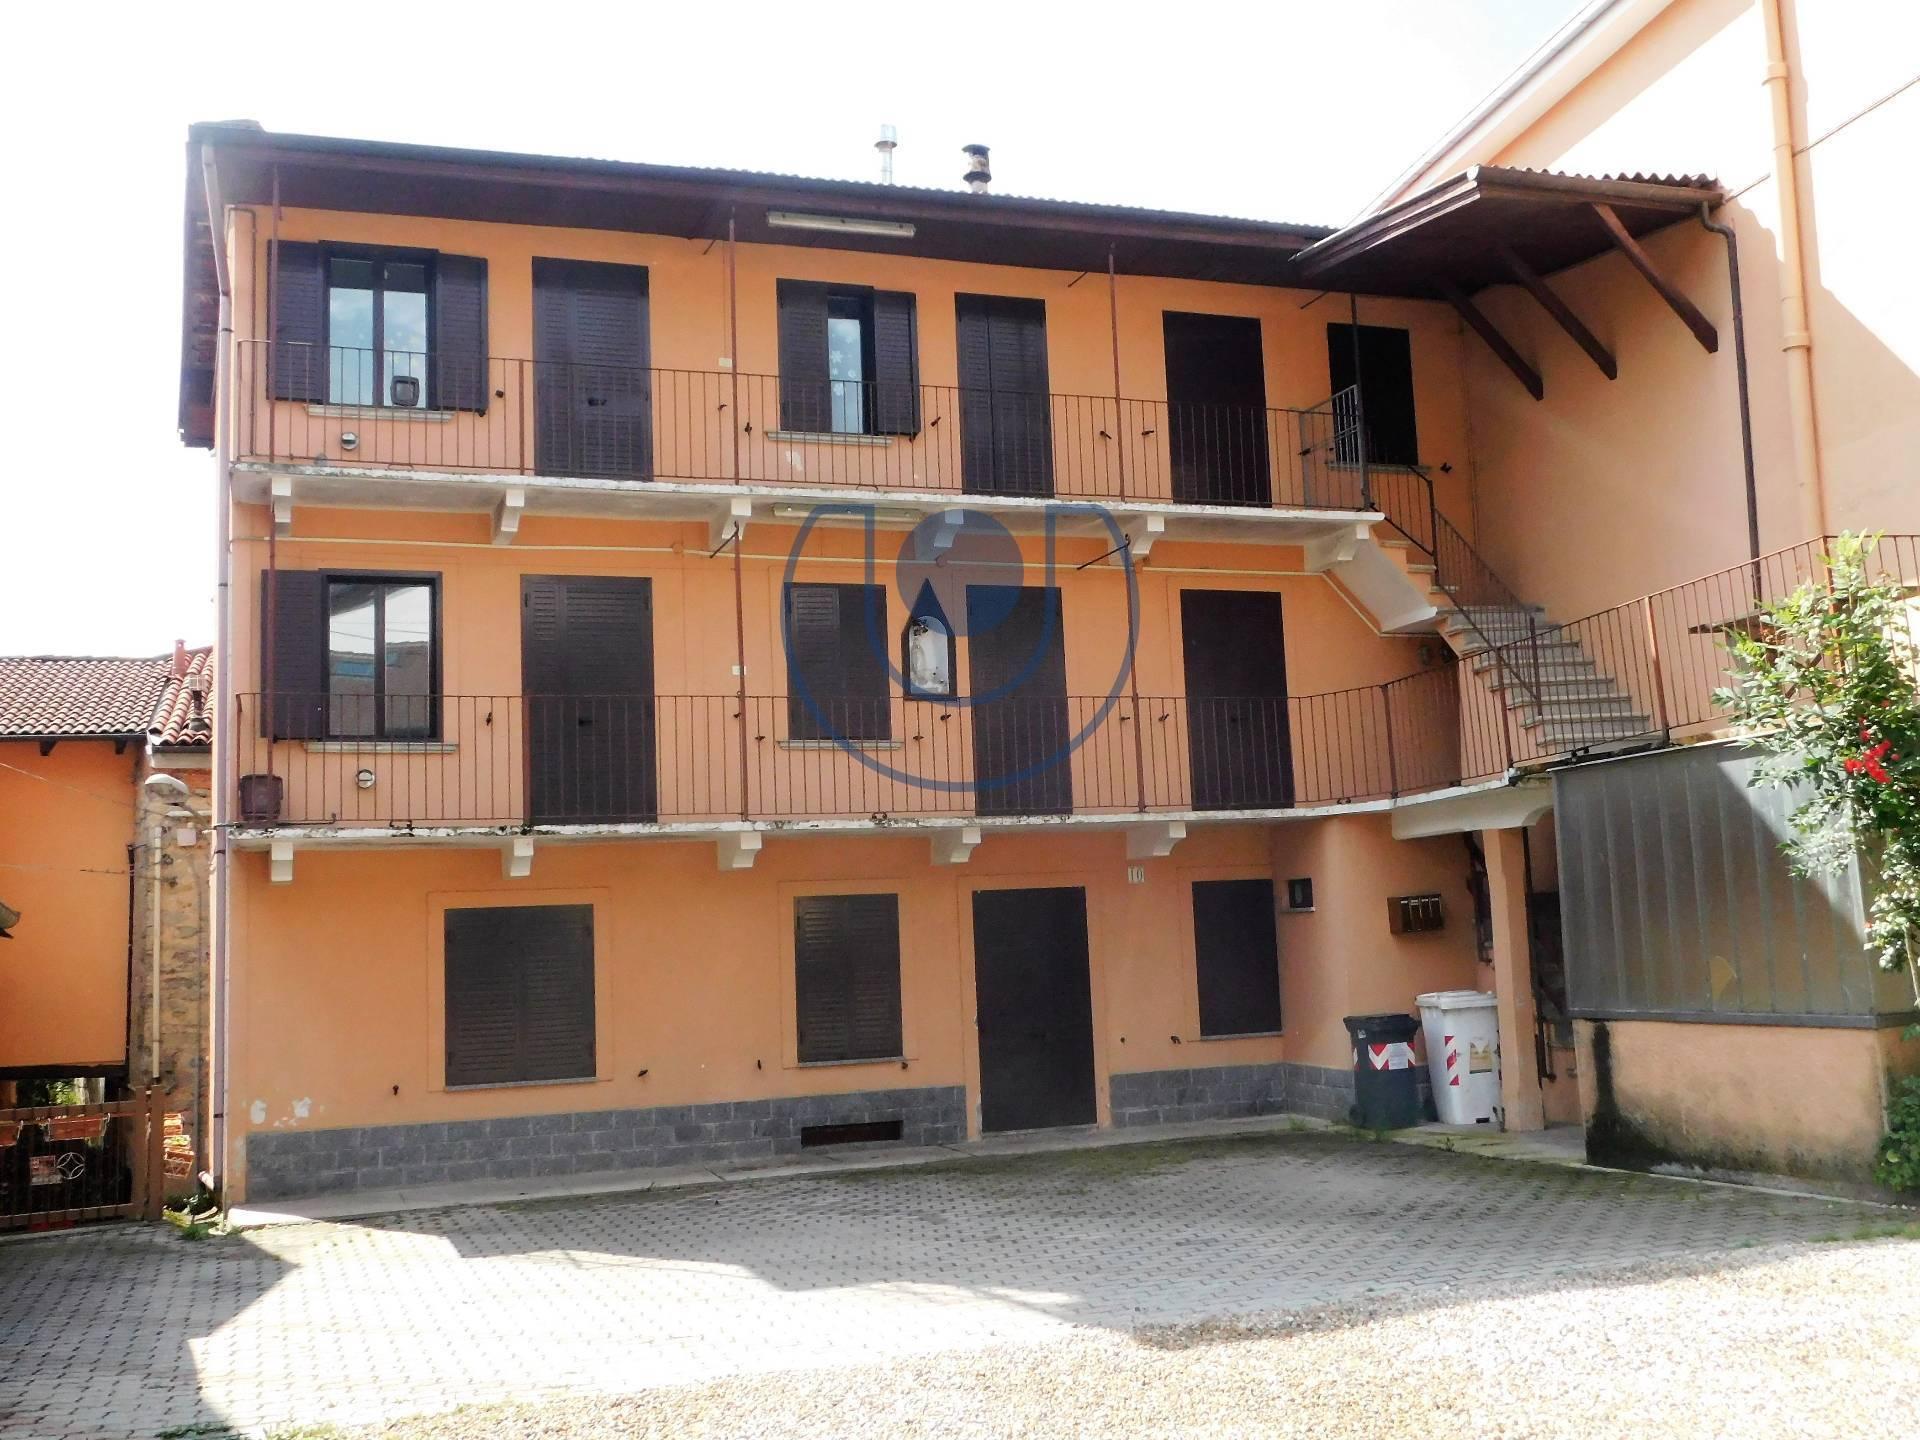 Altro in vendita a Giaveno, 12 locali, zona Località: B.taSelvaggio, prezzo € 100.000 | PortaleAgenzieImmobiliari.it